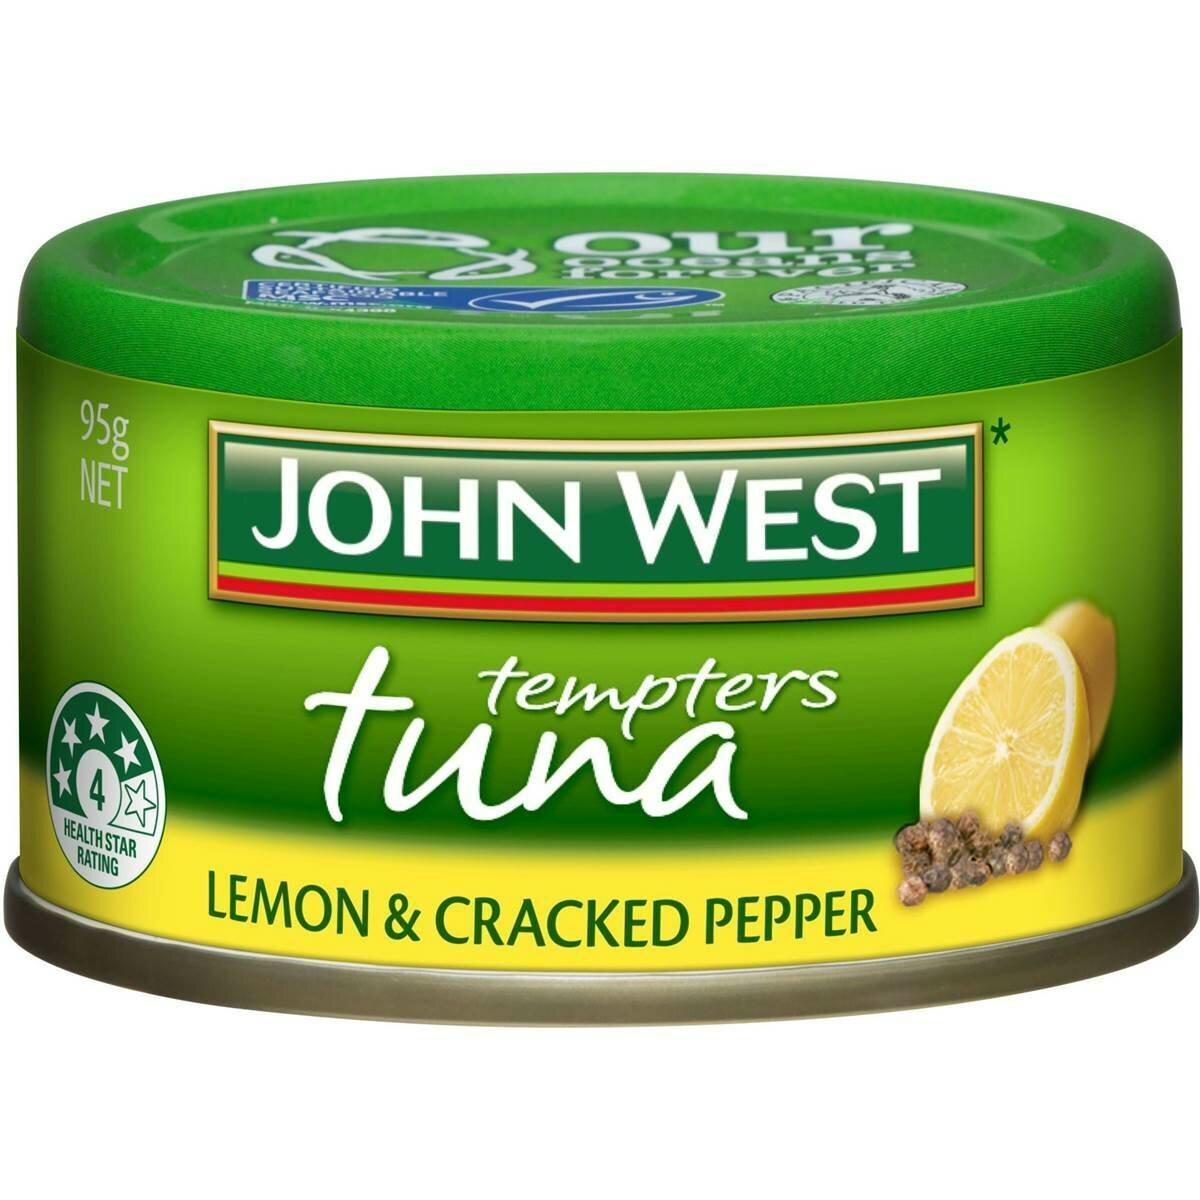 John West Tuna Lemon & Cracked Pepper 95g